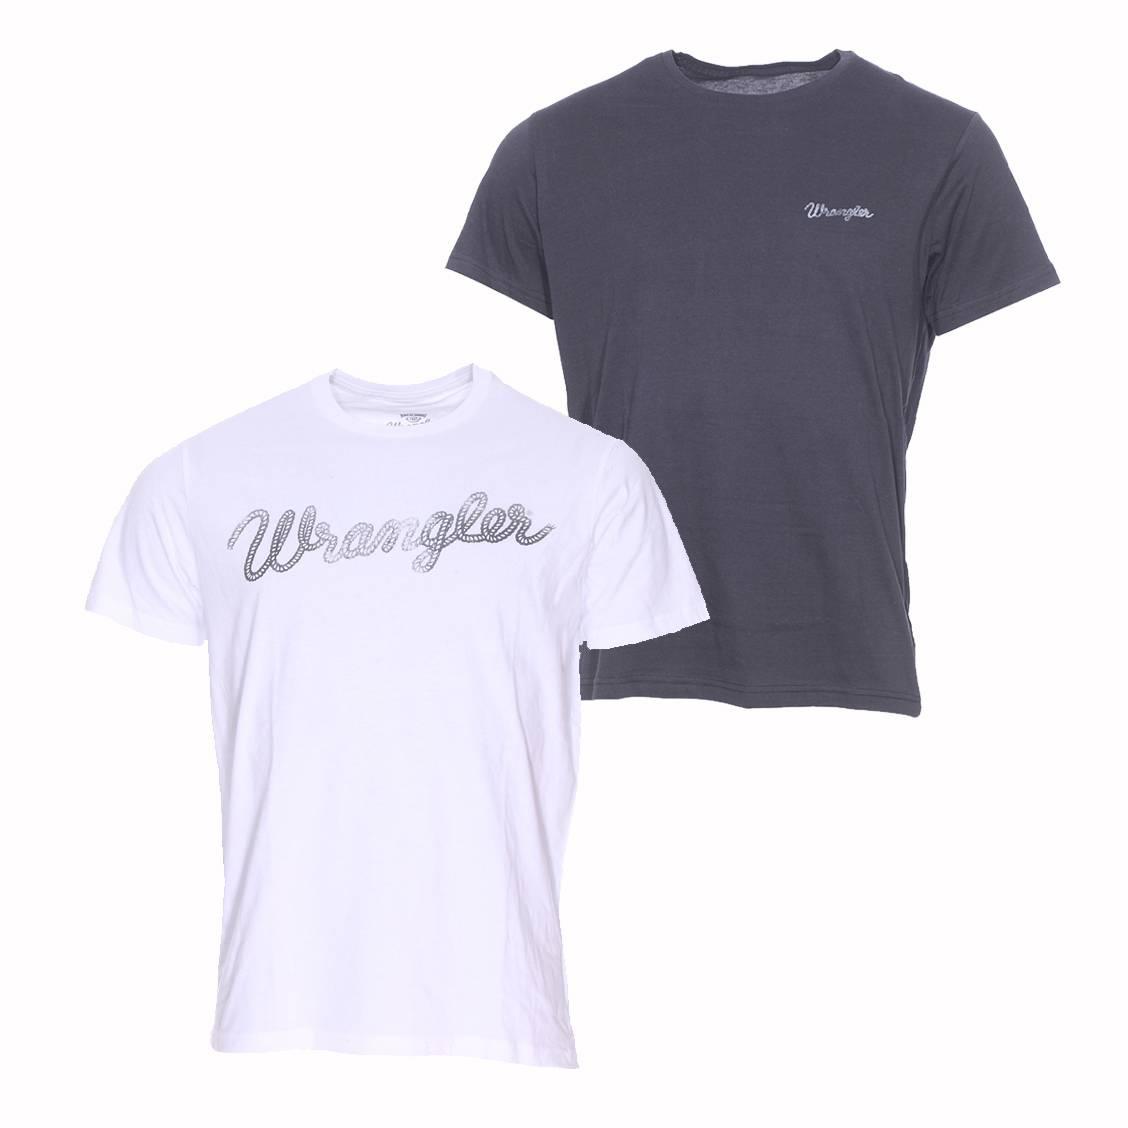 Lot de 2 tee shirts col rond  en coton blanc et noir floqué